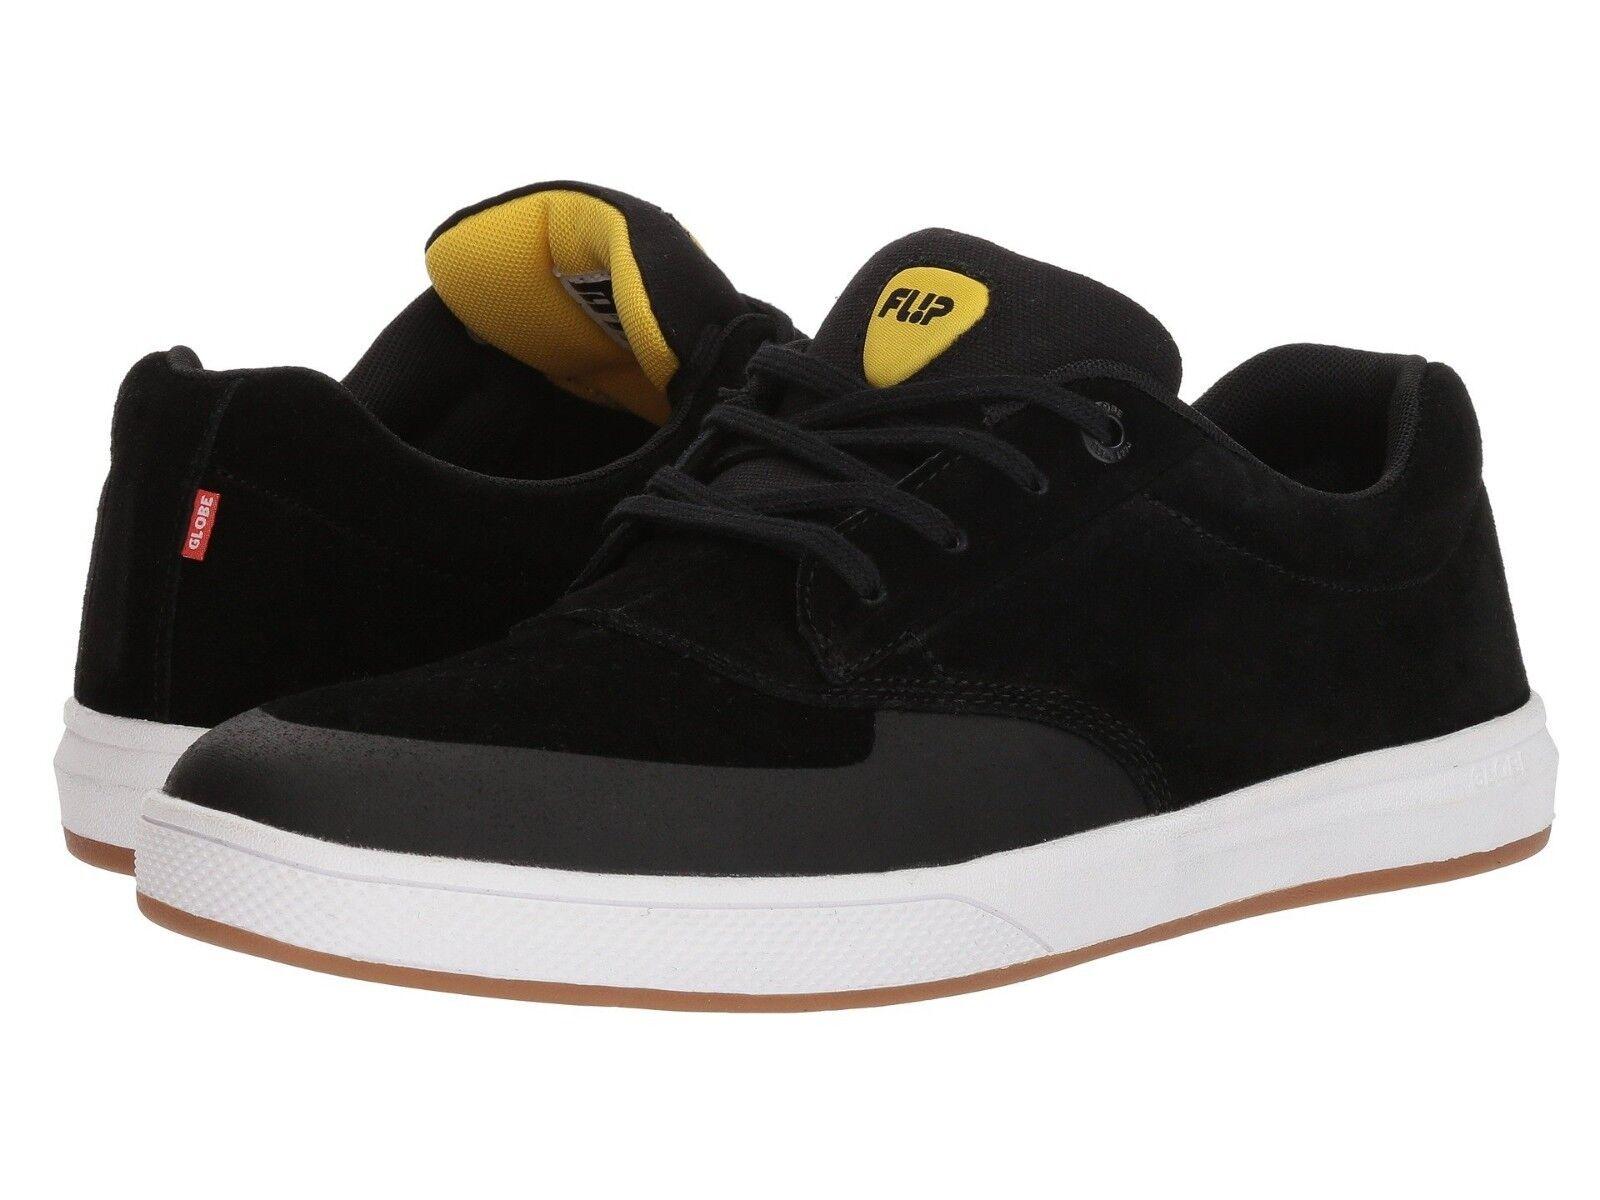 hommes GLOBE FLIP EAGLE SG SKATEBOARDING Chaussures NIB noir BUTTER FLIP GLOBE 65c973